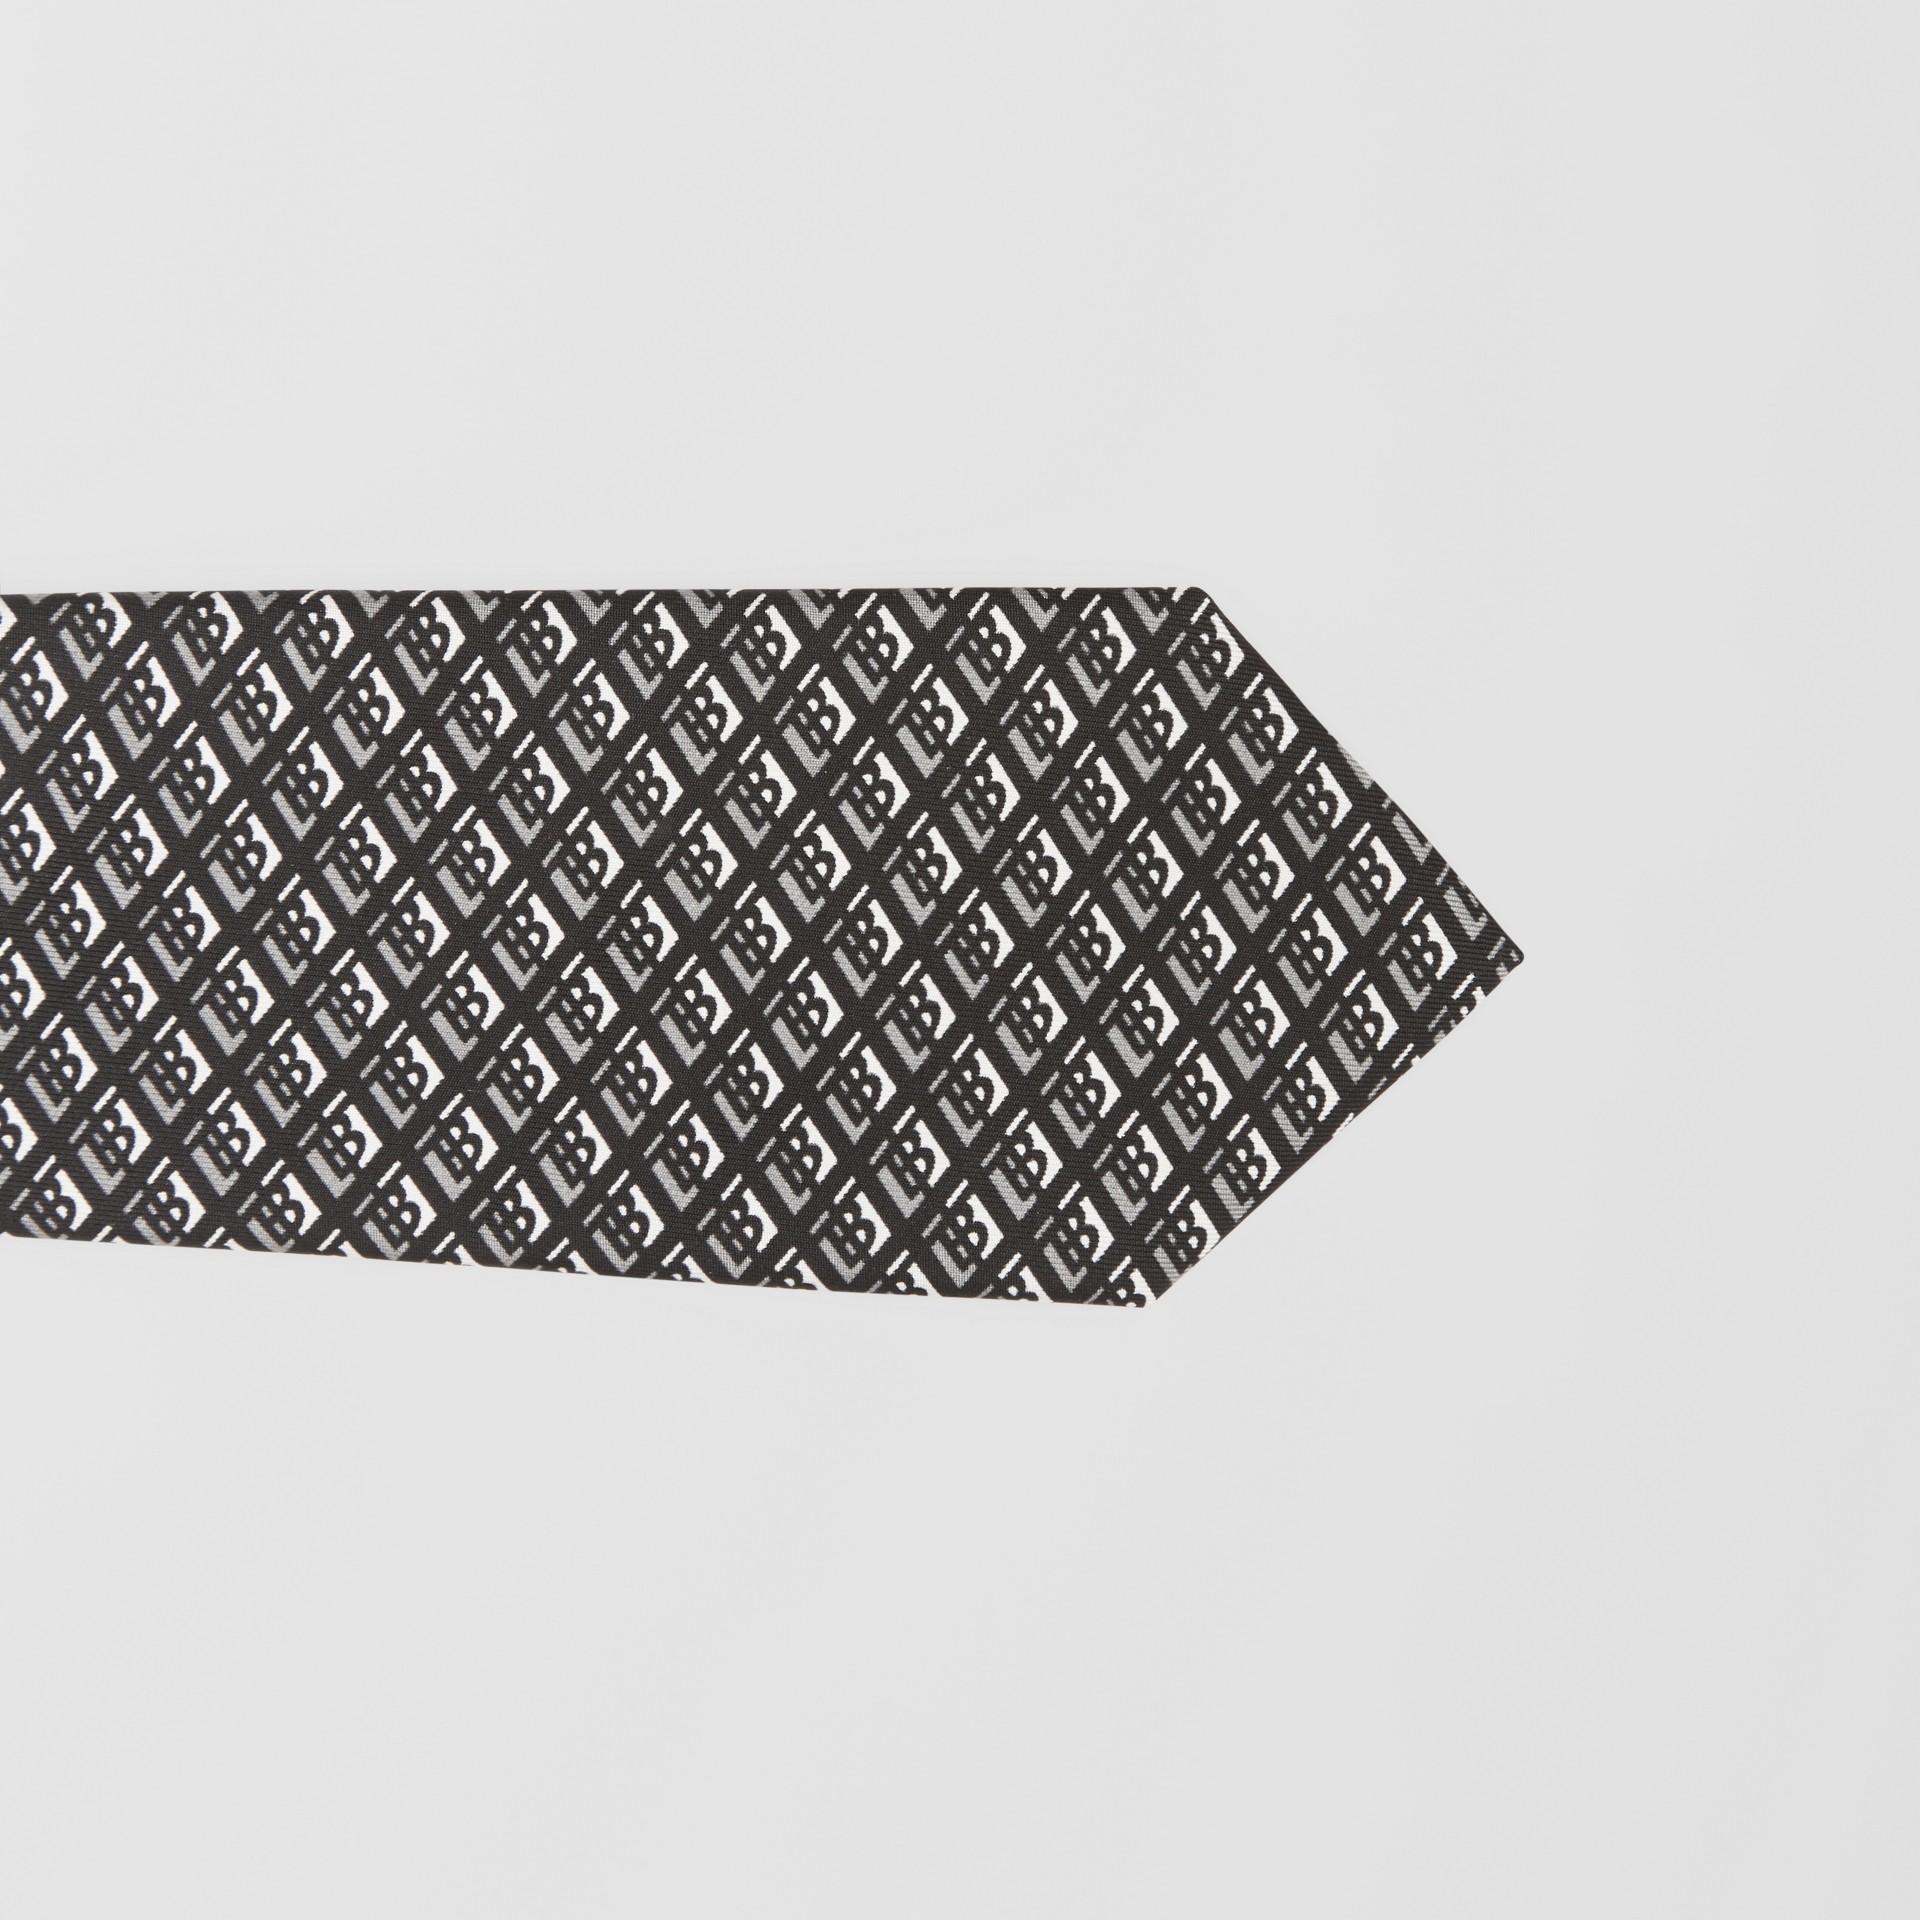 클래식컷 로고 그래픽 실크 타이 (미드 그레이) - 남성 | Burberry - 갤러리 이미지 1